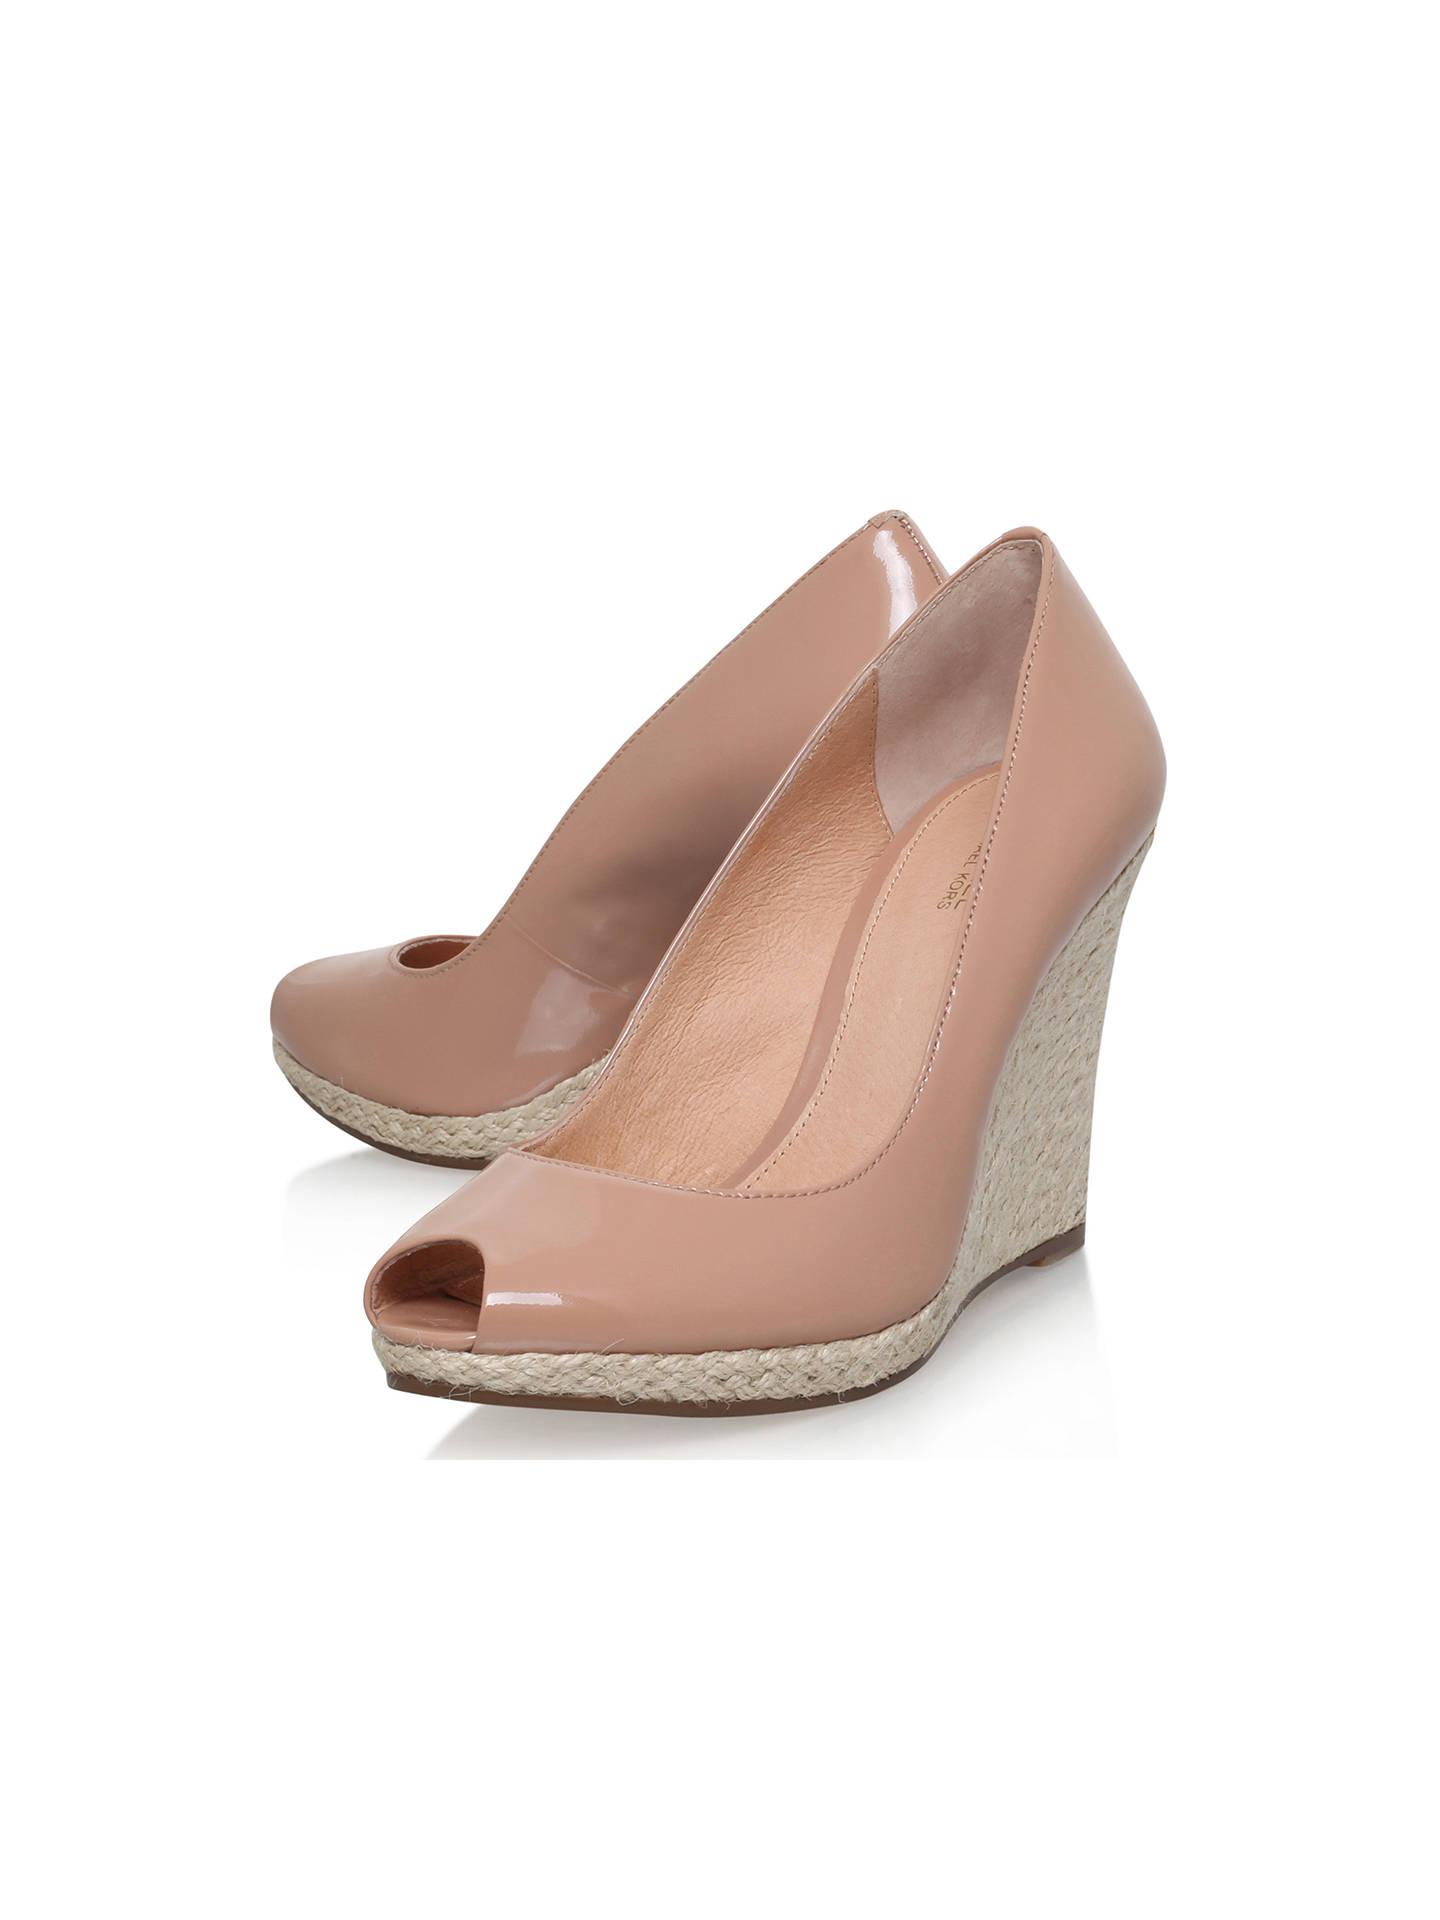 3af5c18bdd6 ... Buy Michael Michael Kors Keegan Peep Toe Wedge Heeled Sandals